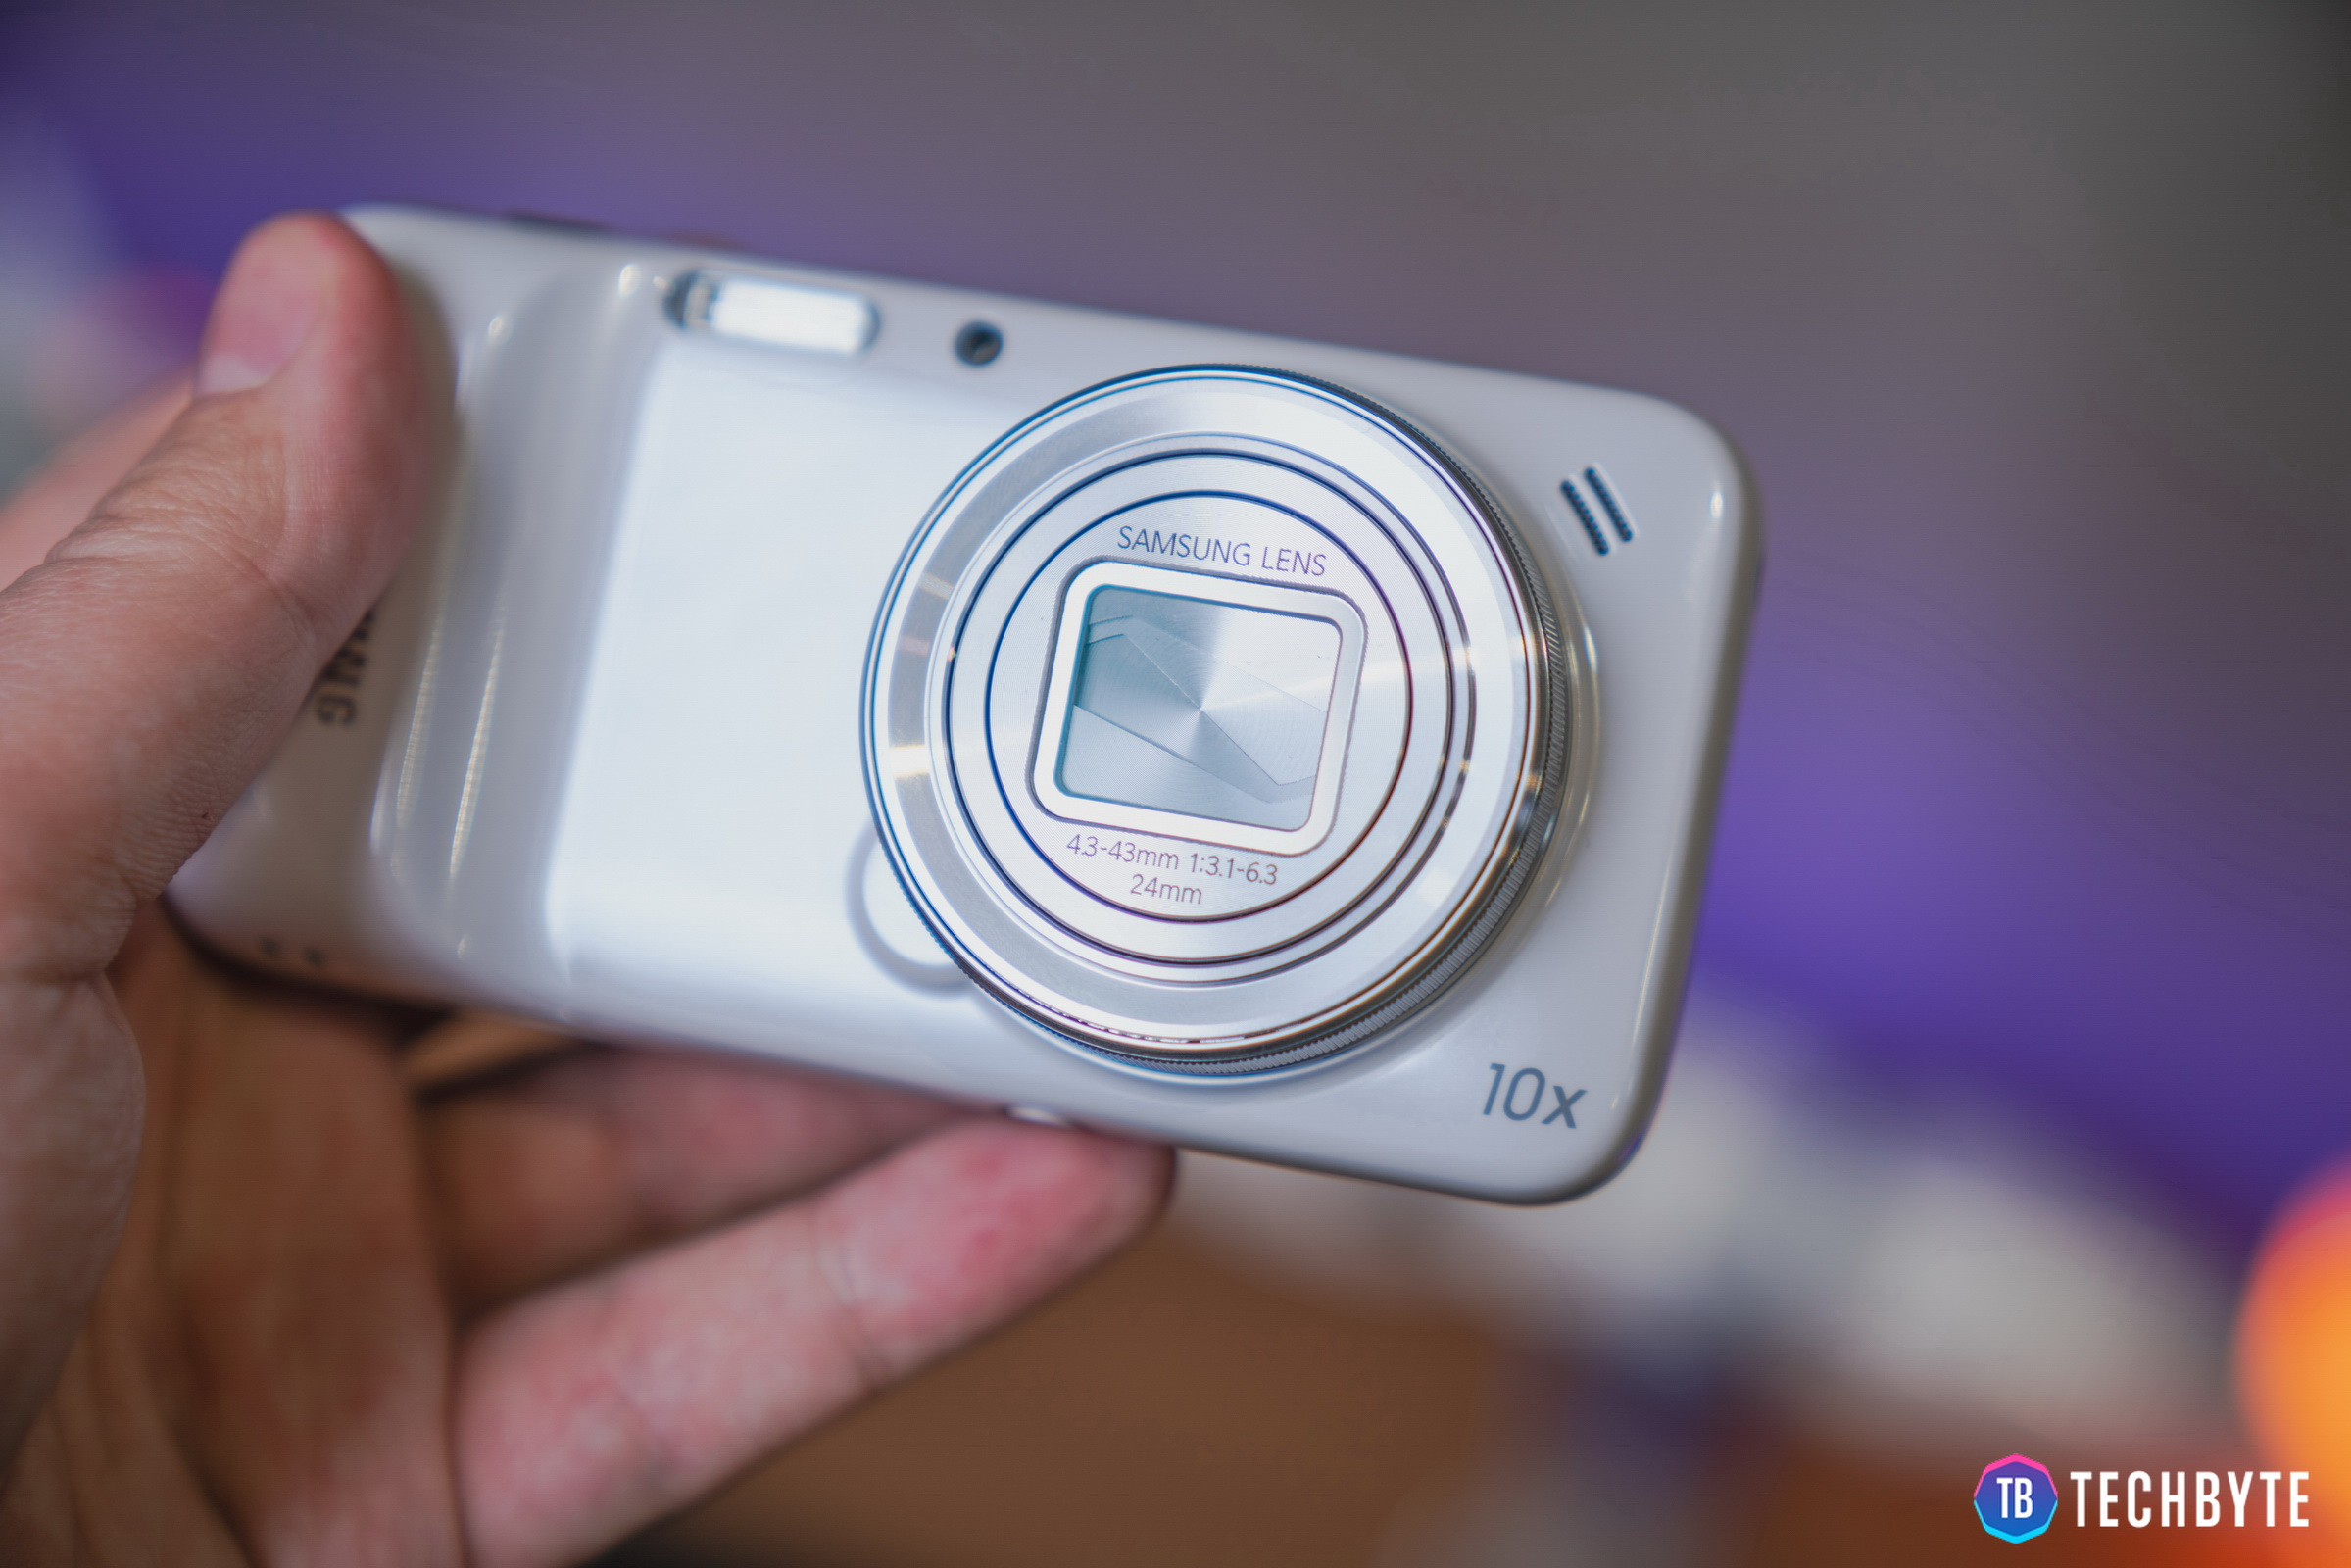 Samsung Galaxy S4 zoom patrí medzi unikáty, ktoré by ste dnes hľadali len veľmi ťažko. Čo všetko ponúkal tento hybrid z roku 2013?